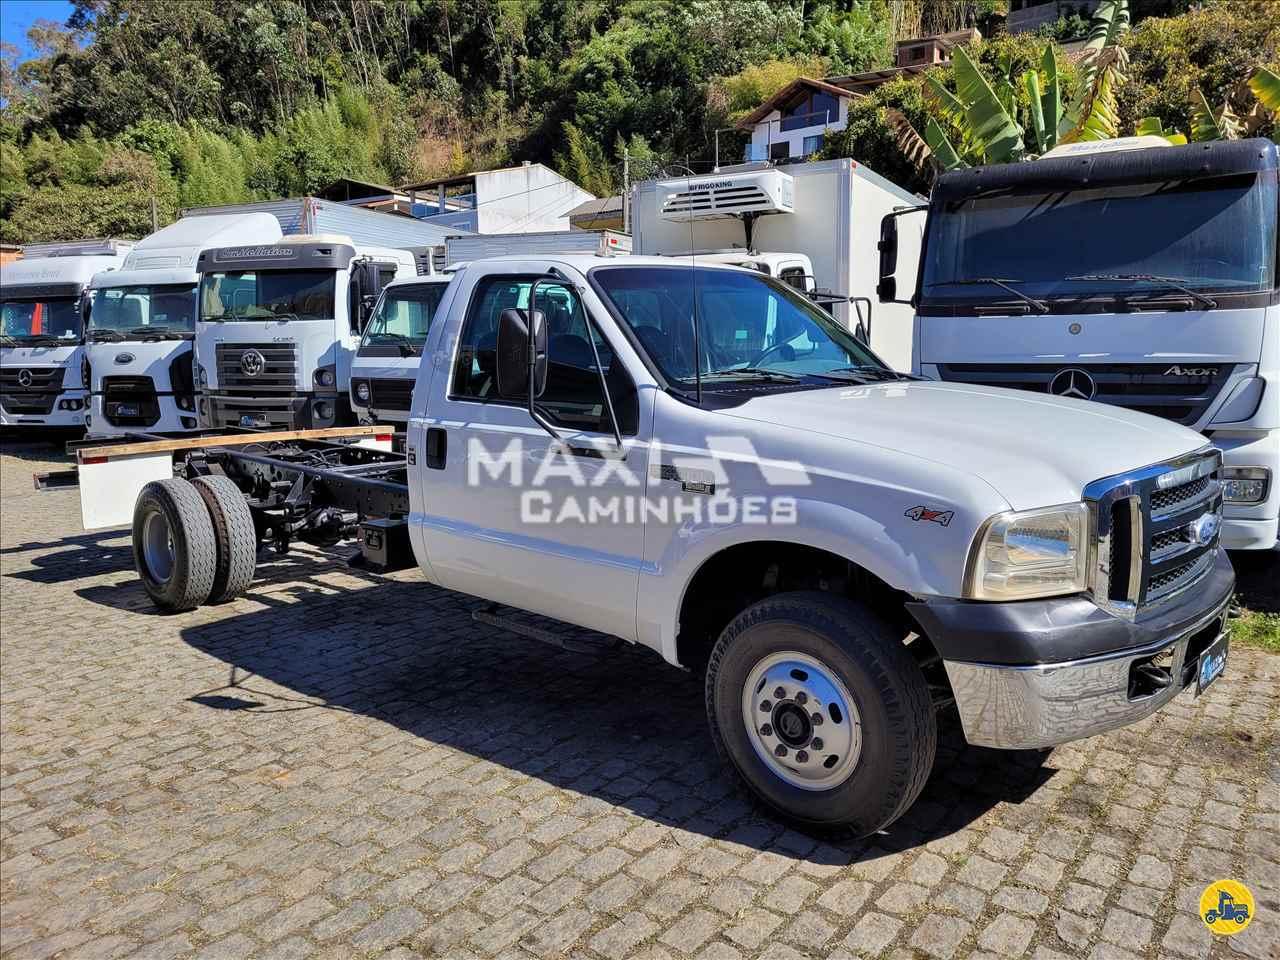 CAMINHAO FORD F4000 Chassis 3/4 4x4 Maxi Caminhões TERESOPOLIS RIO DE JANEIRO RJ